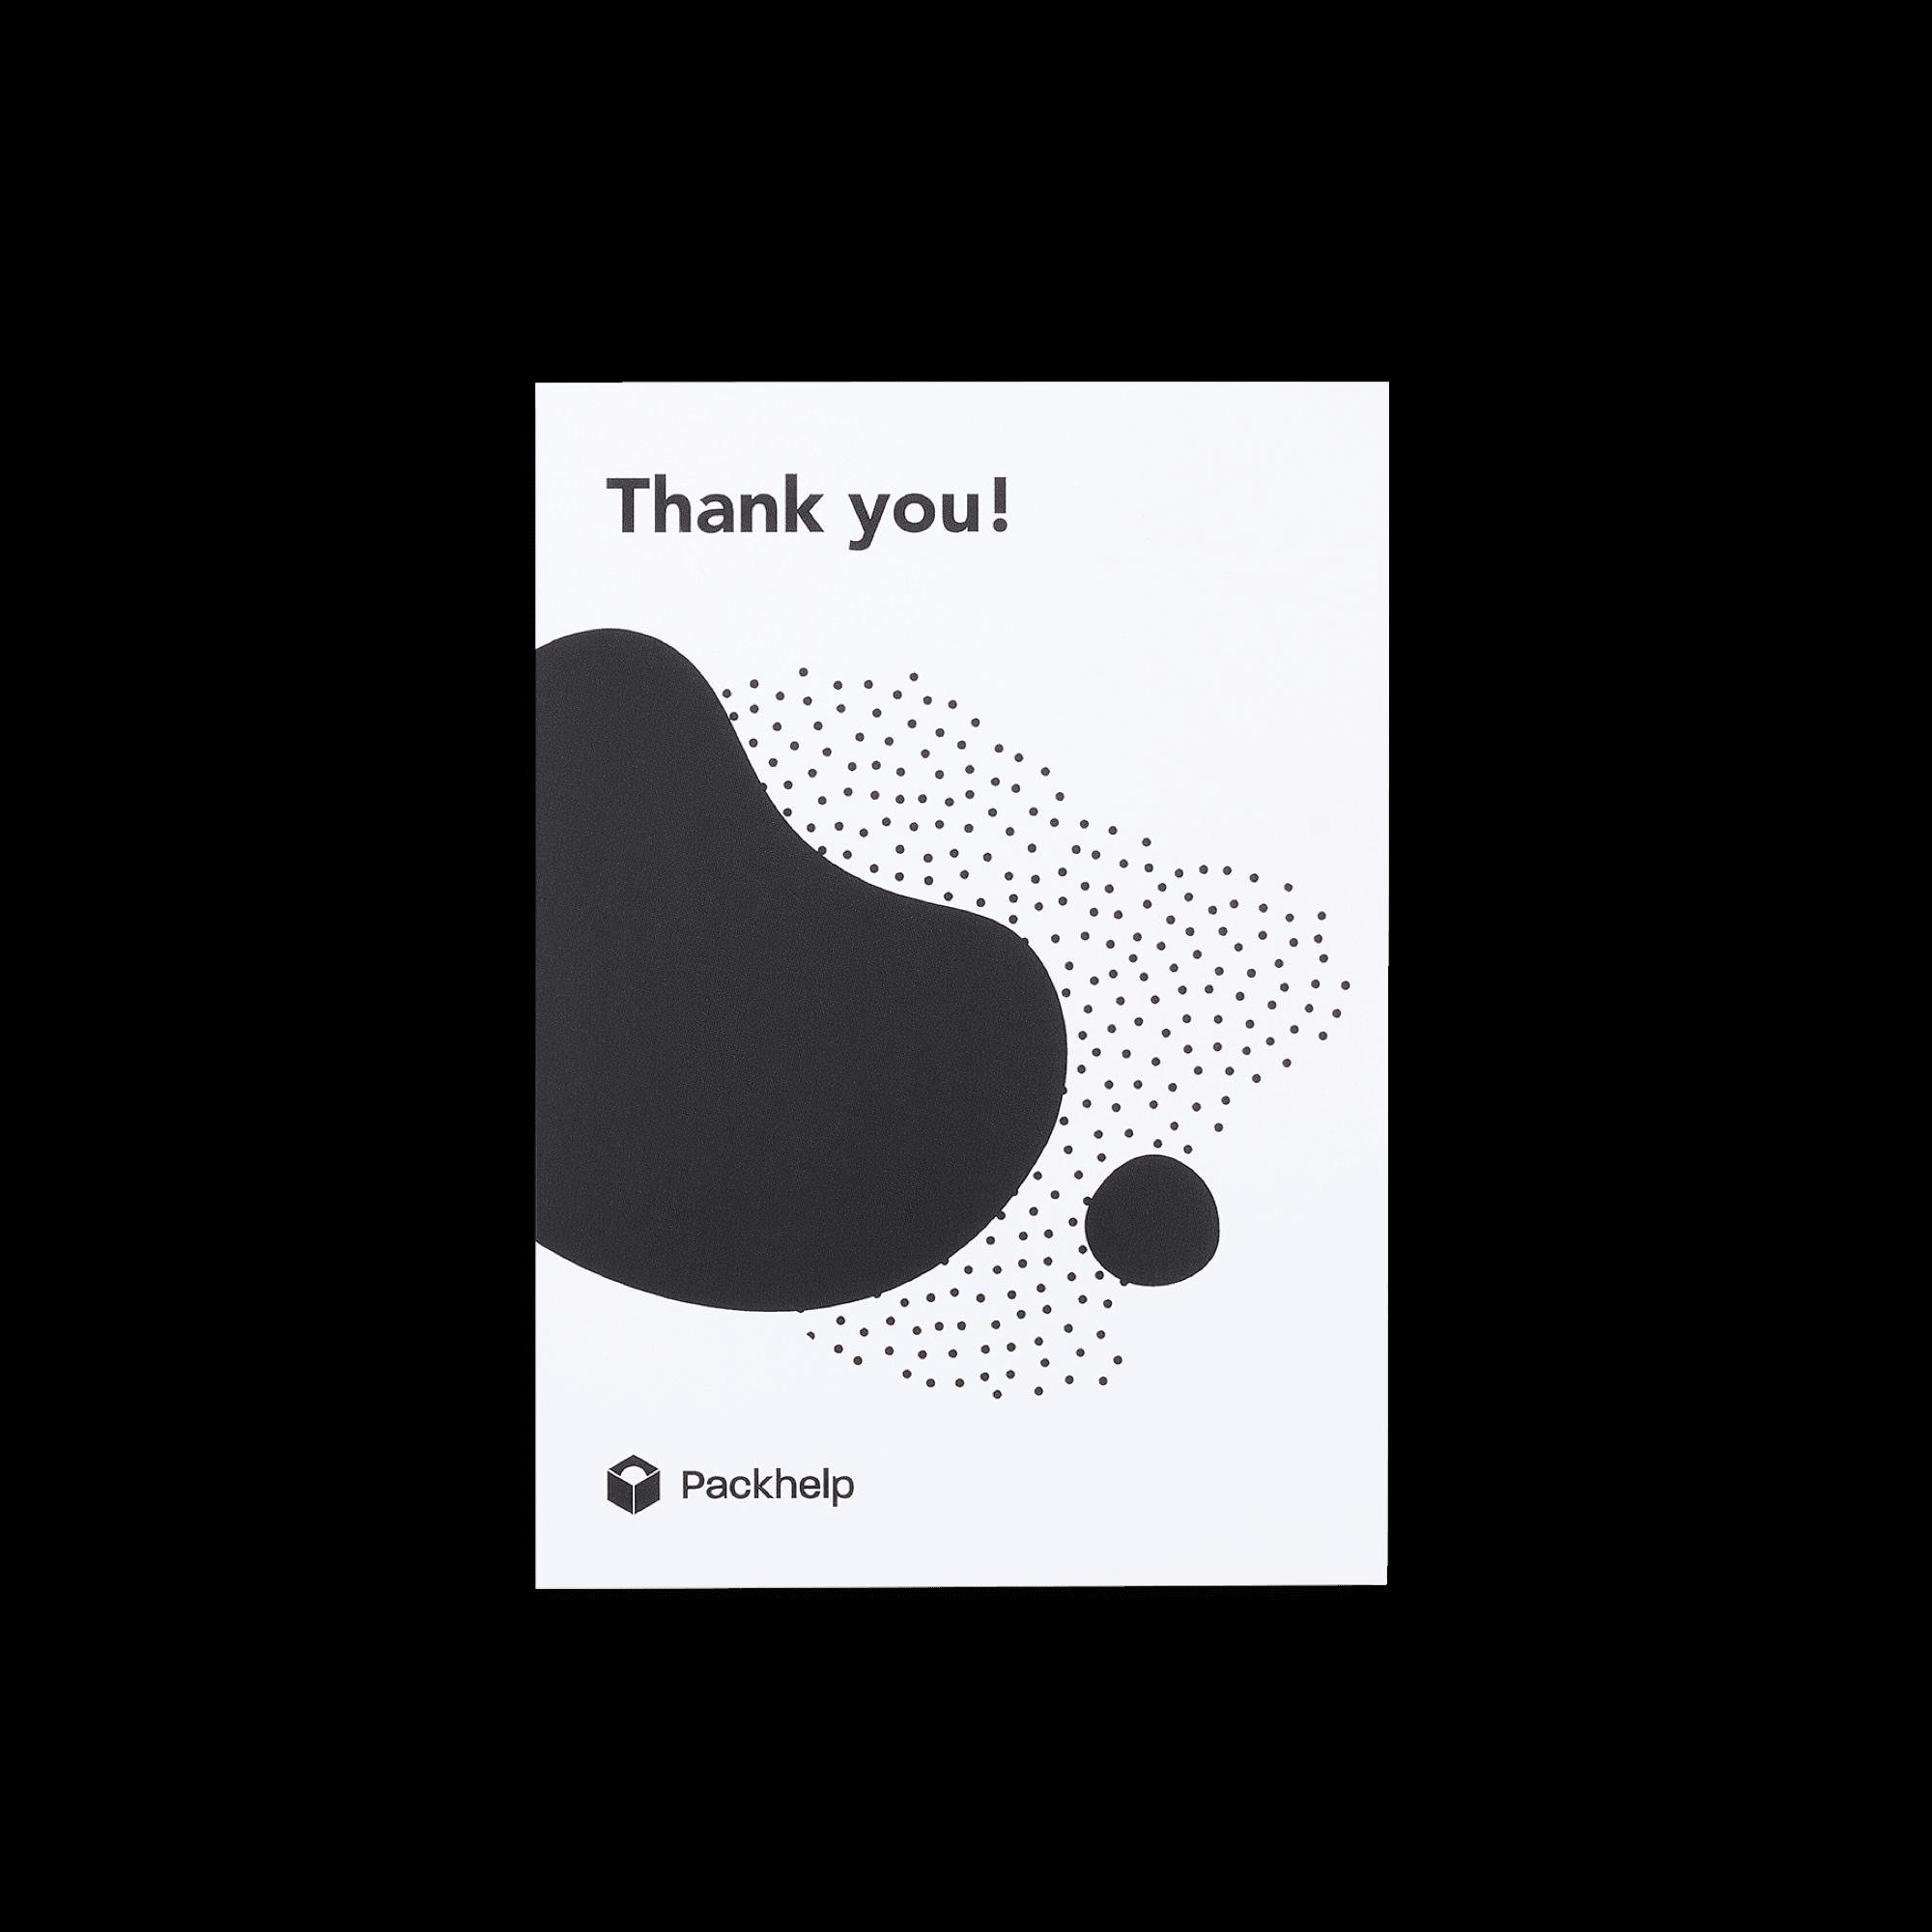 Biglietto di ringraziamento personalizzato bianco con stampa nera